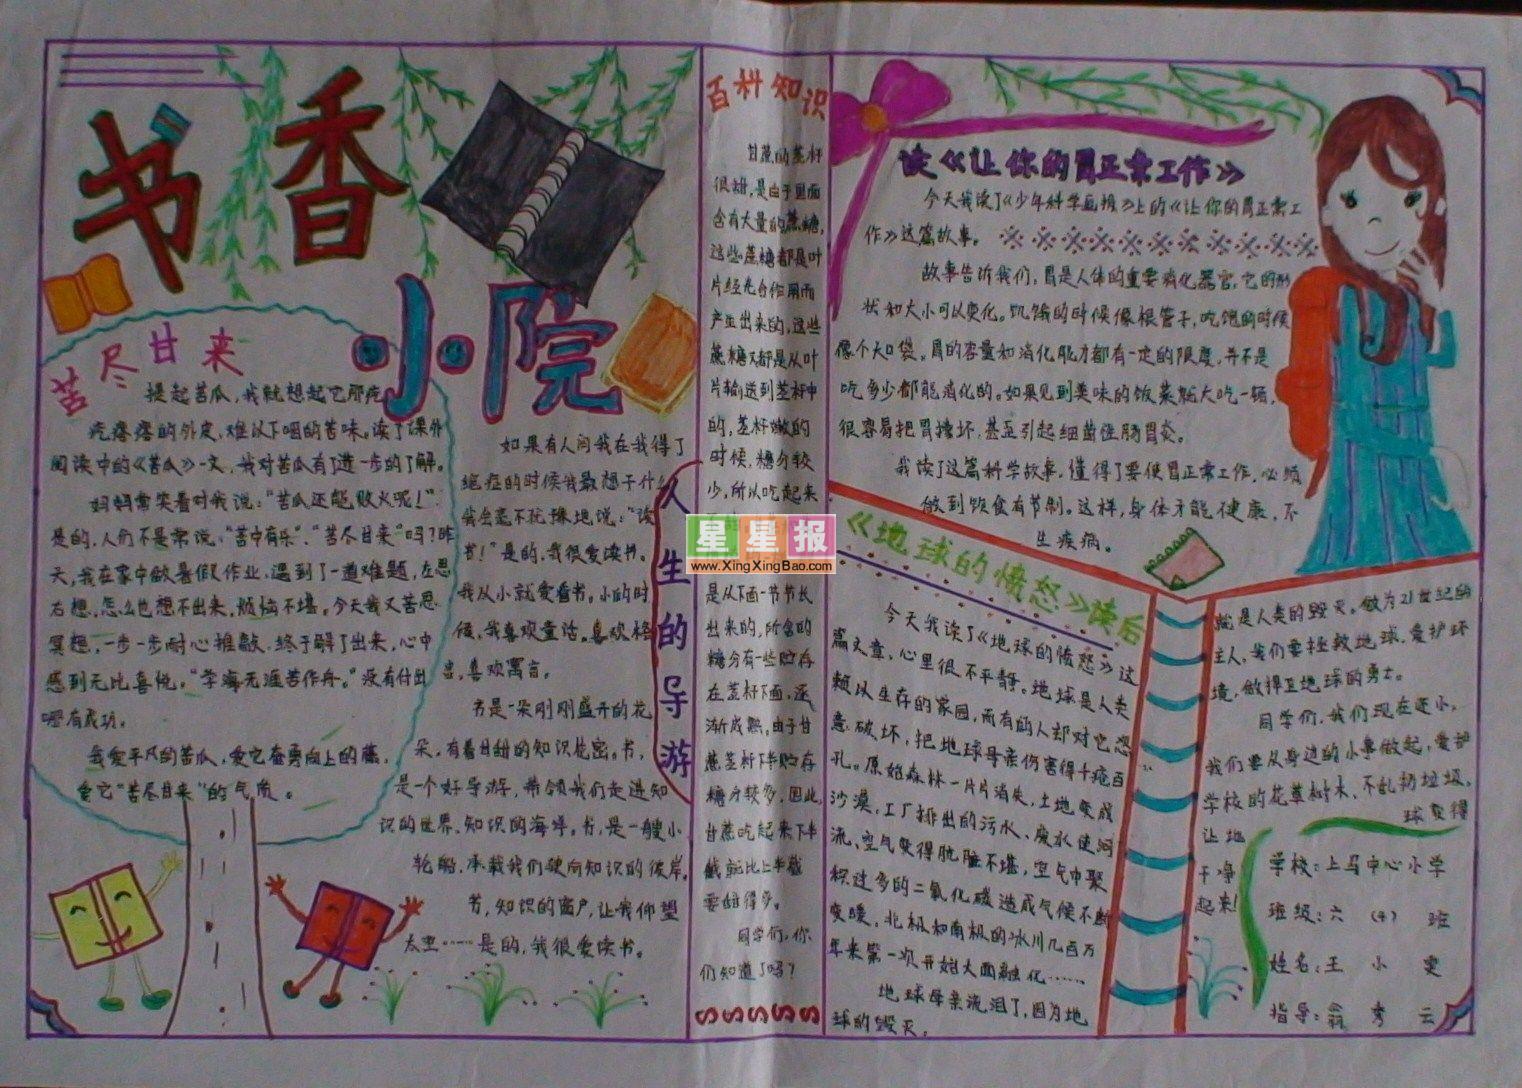 四年级读书手抄报之书香小院